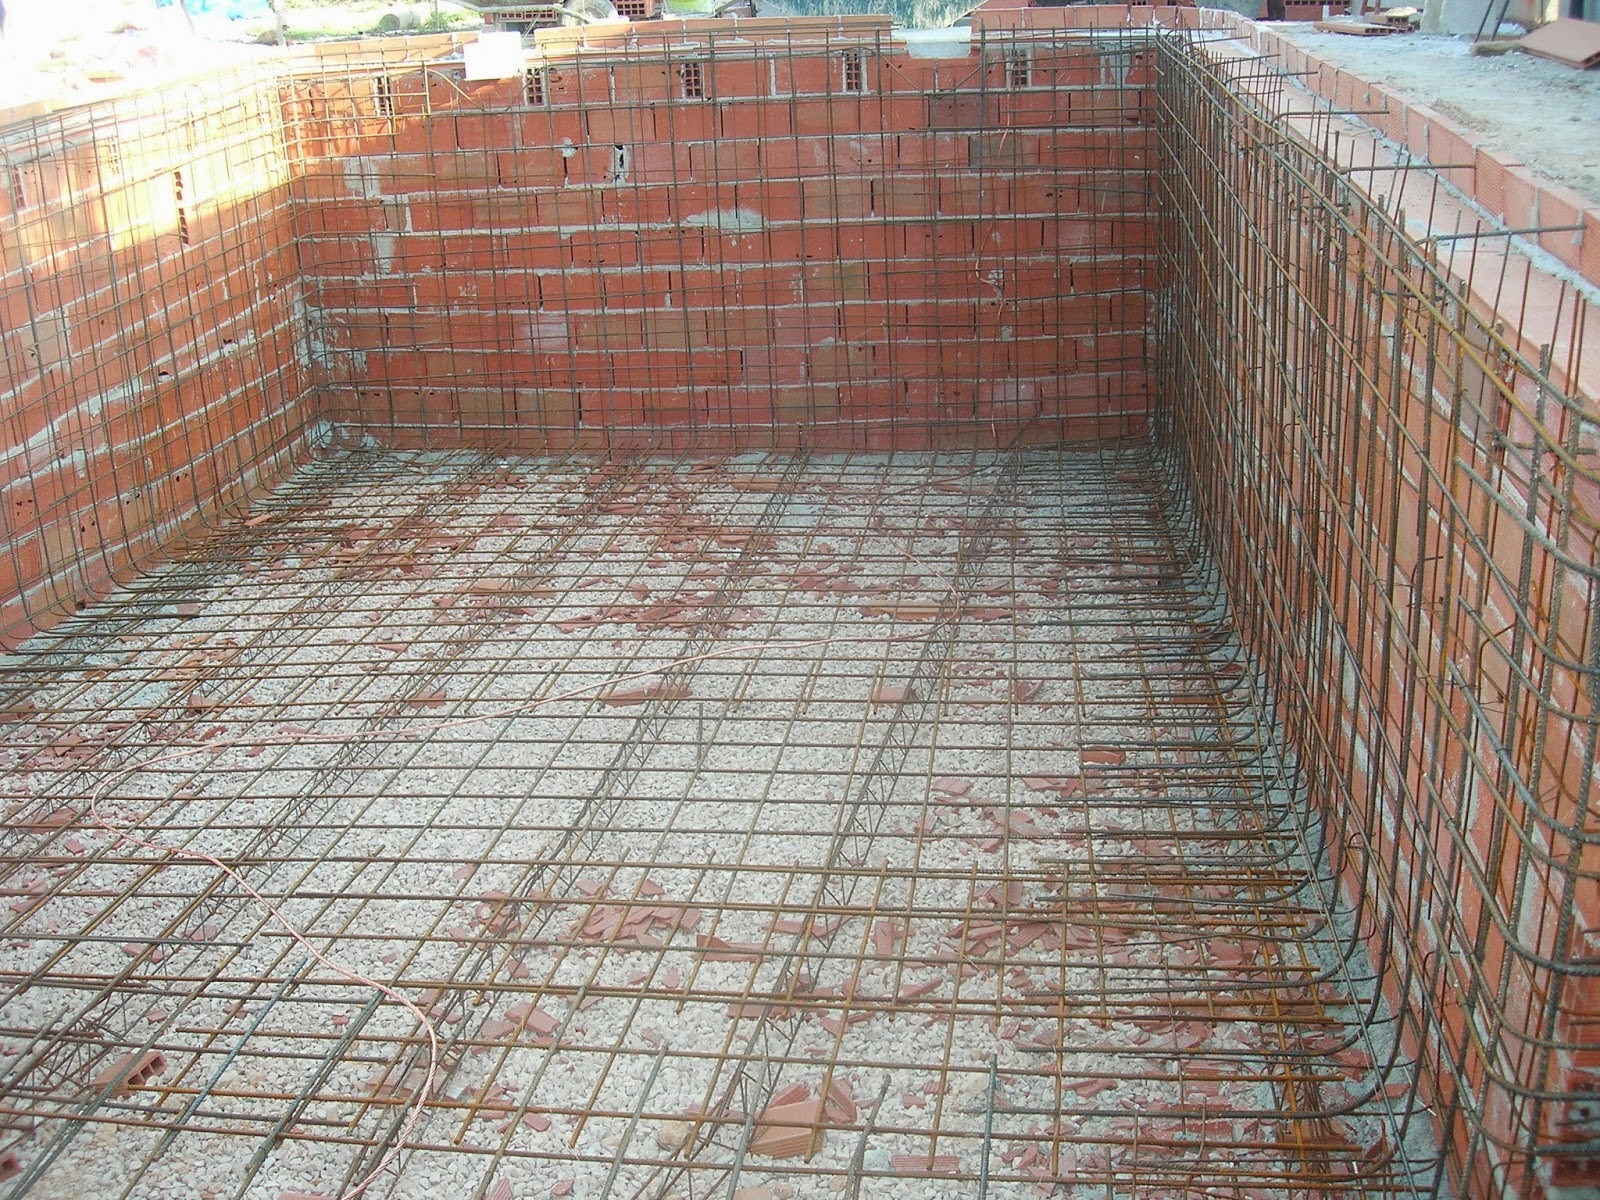 Construide ejecuci n de una piscina proceso y ejemplo for Como construir una alberca paso a paso